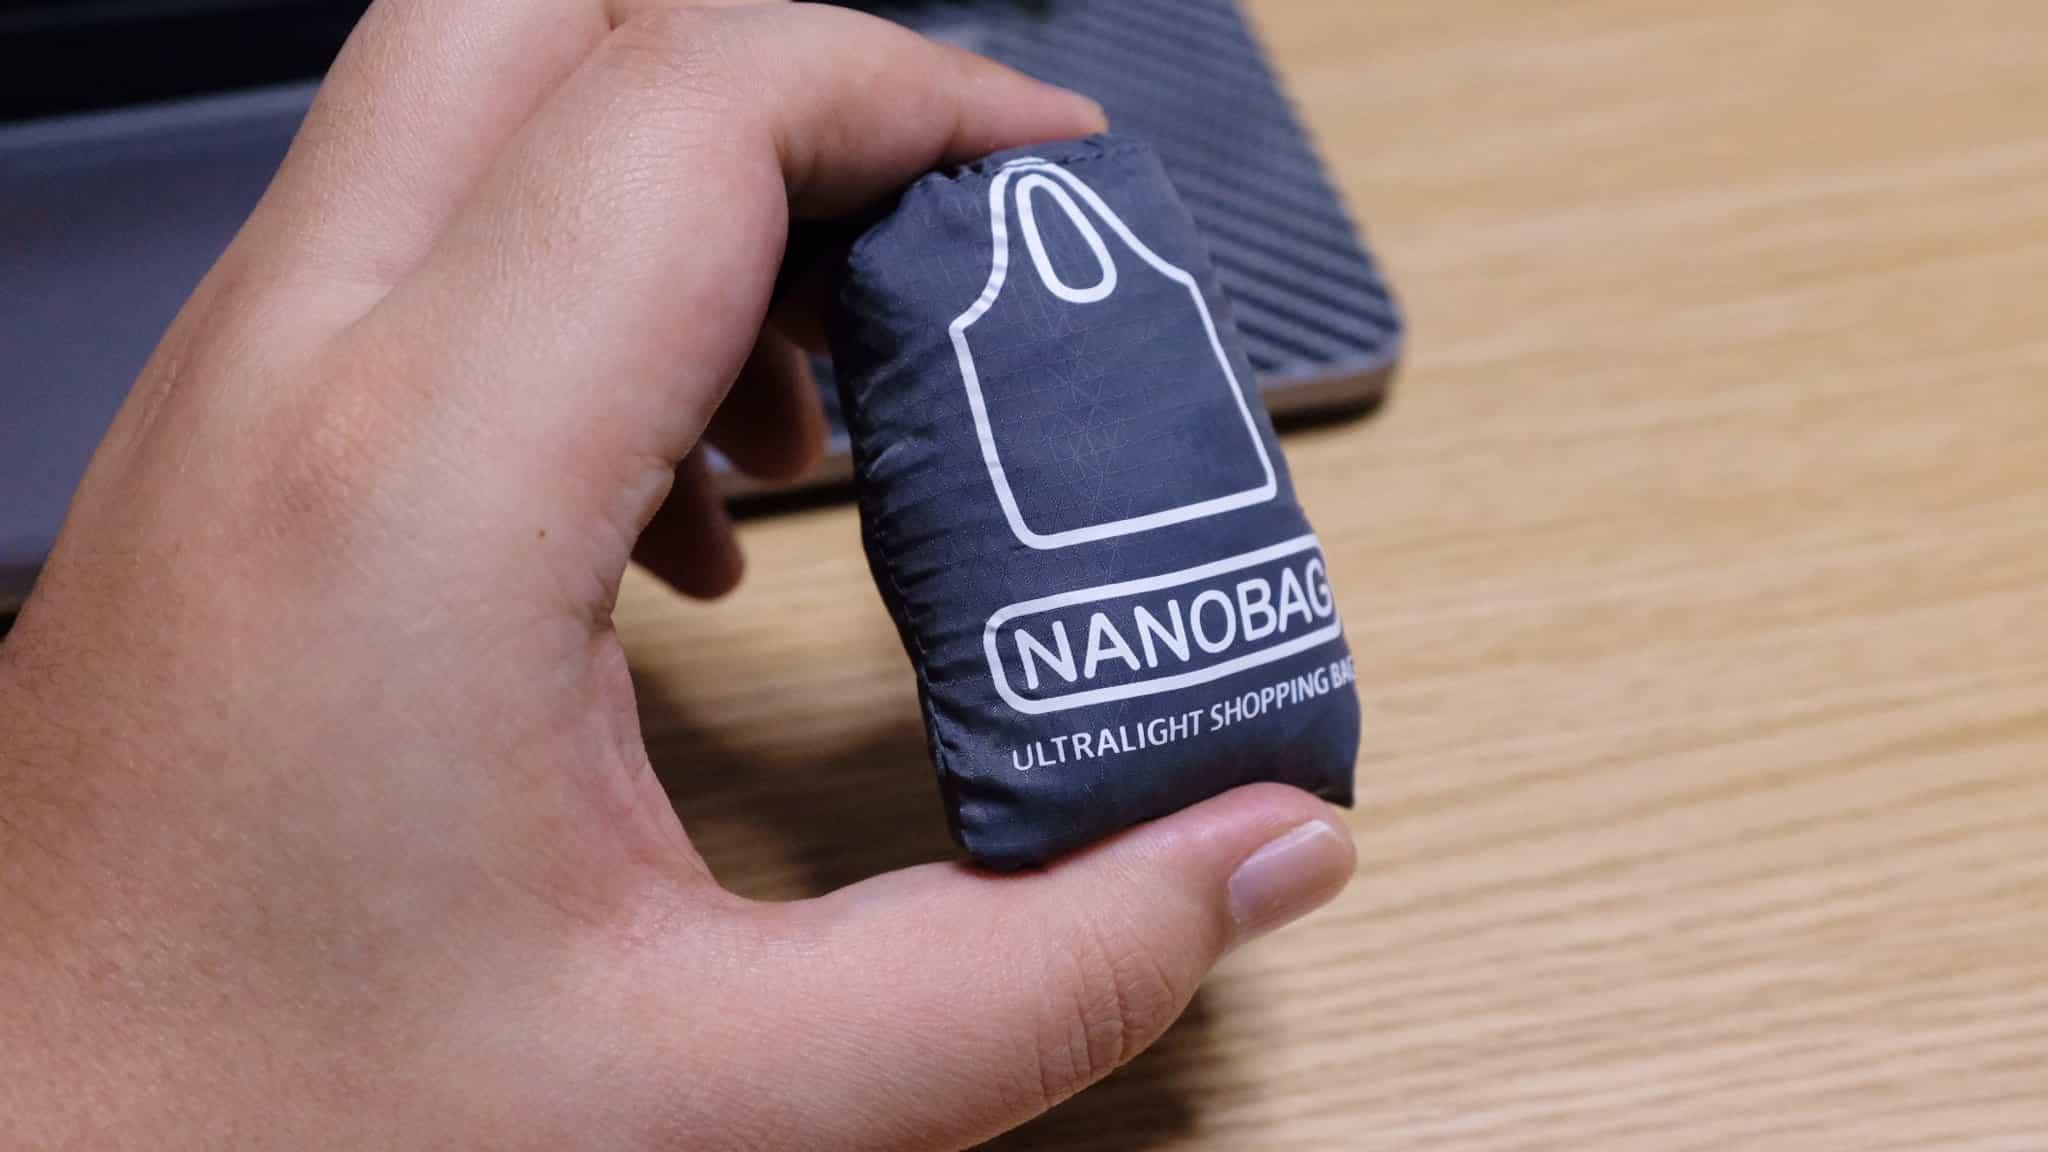 かなりのコンパクトサイズなので、ポケットやかばんにひとつ忍ばせておくといいかも!